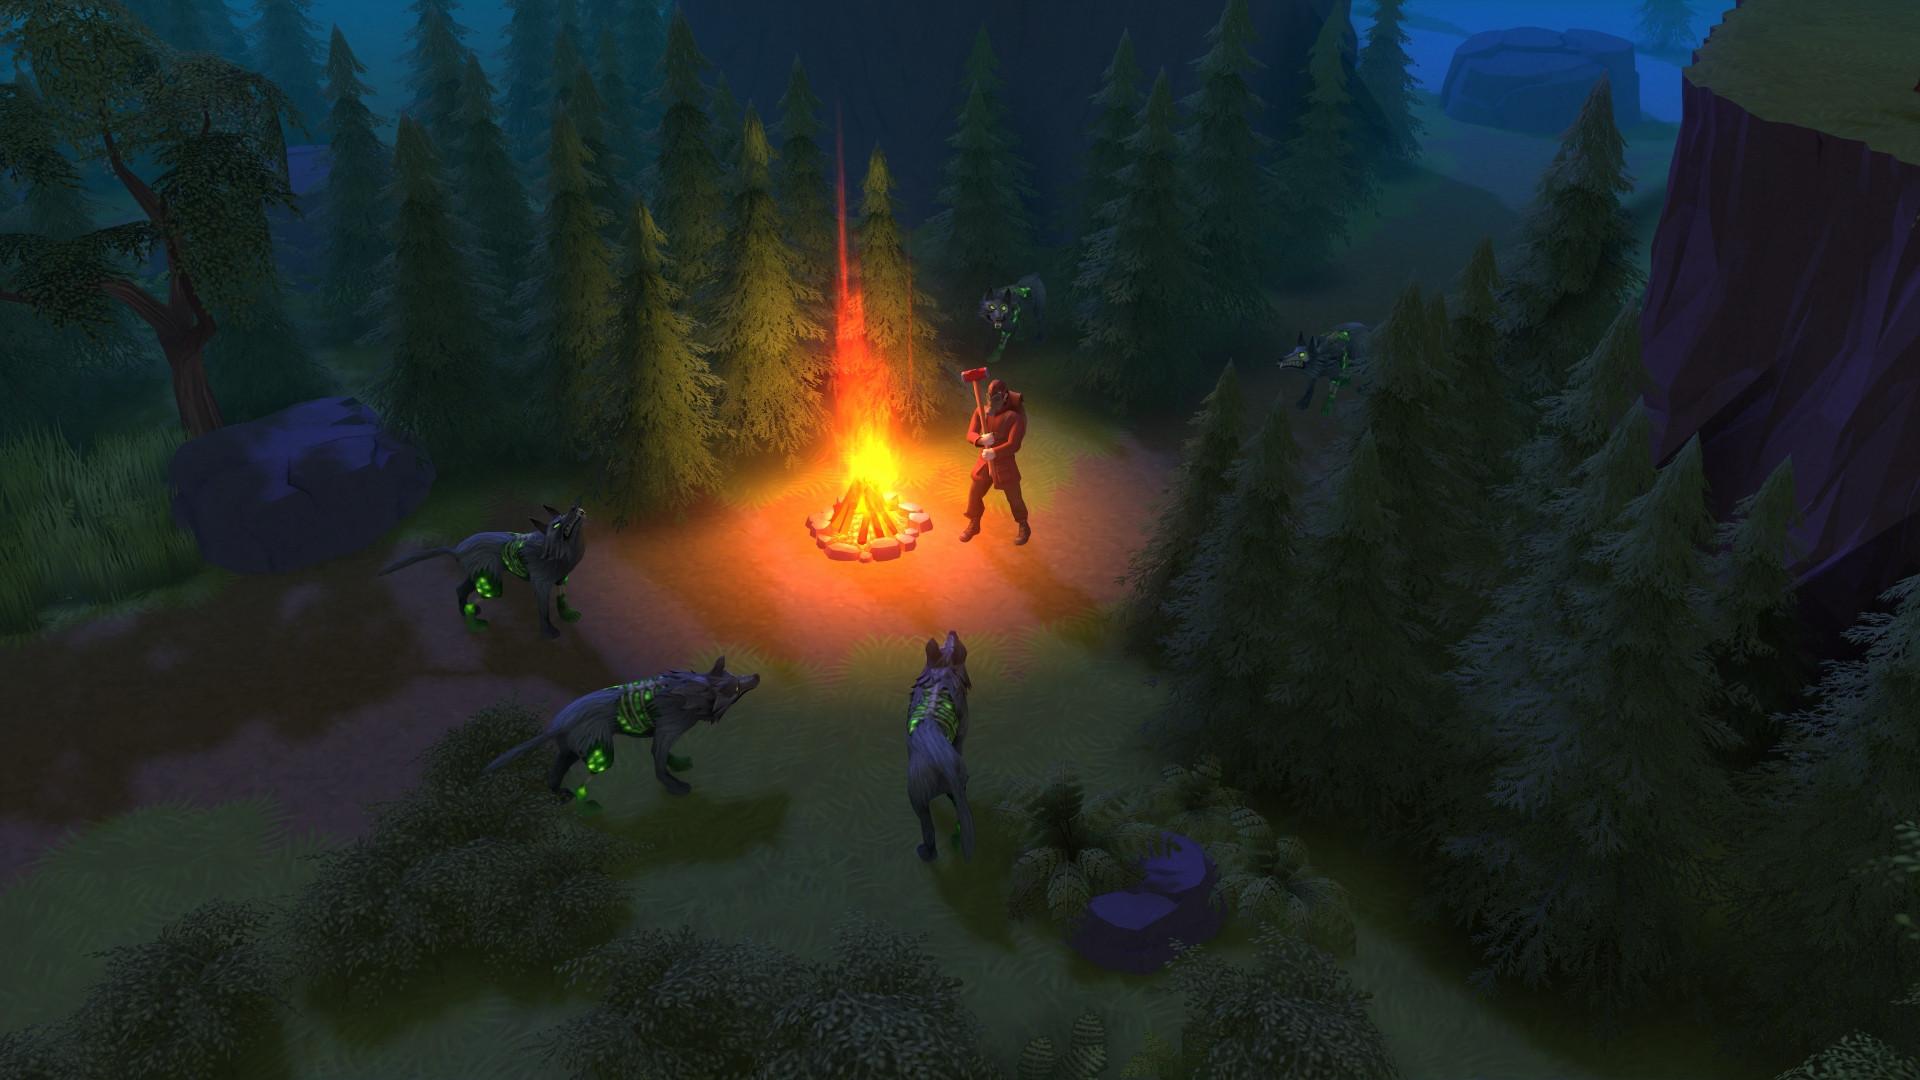 Анонсирована постапокалиптическая RPG, которая «объединит все лучшее из Dark Souls, Subnautica и Zelda»